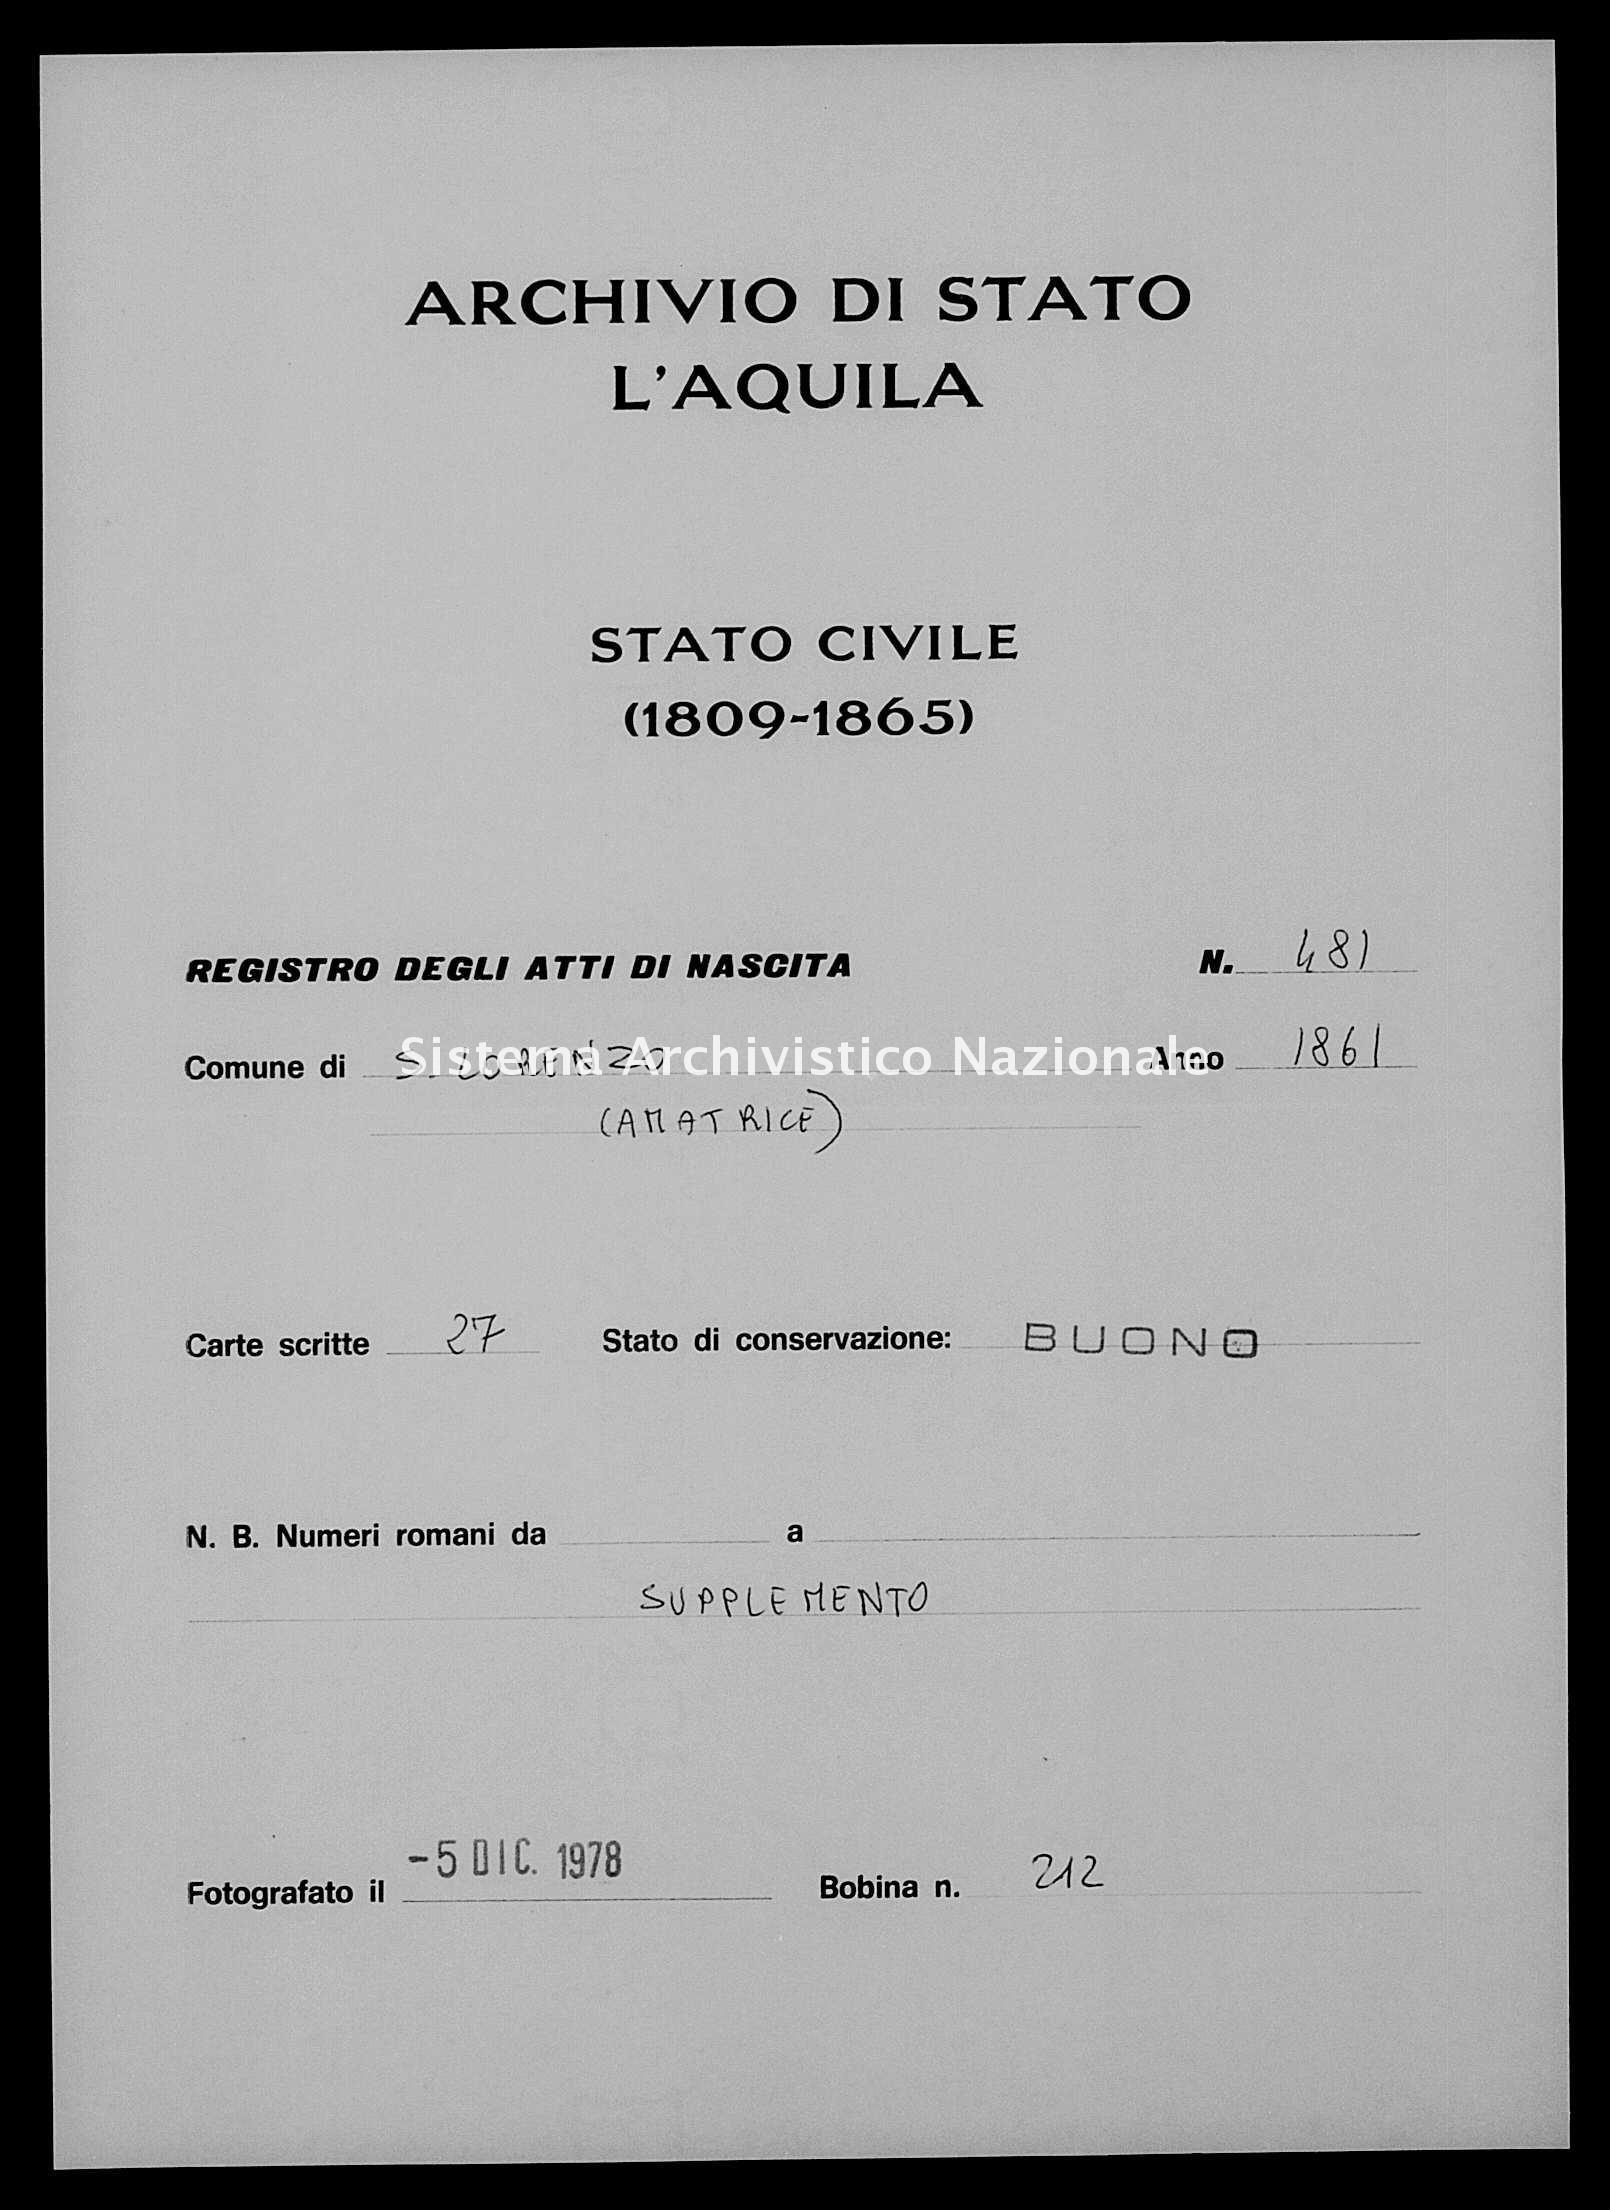 Archivio di stato di L'aquila - Stato civile italiano - San Lorenzo - Nati, battesimi - 1861 - 481 -